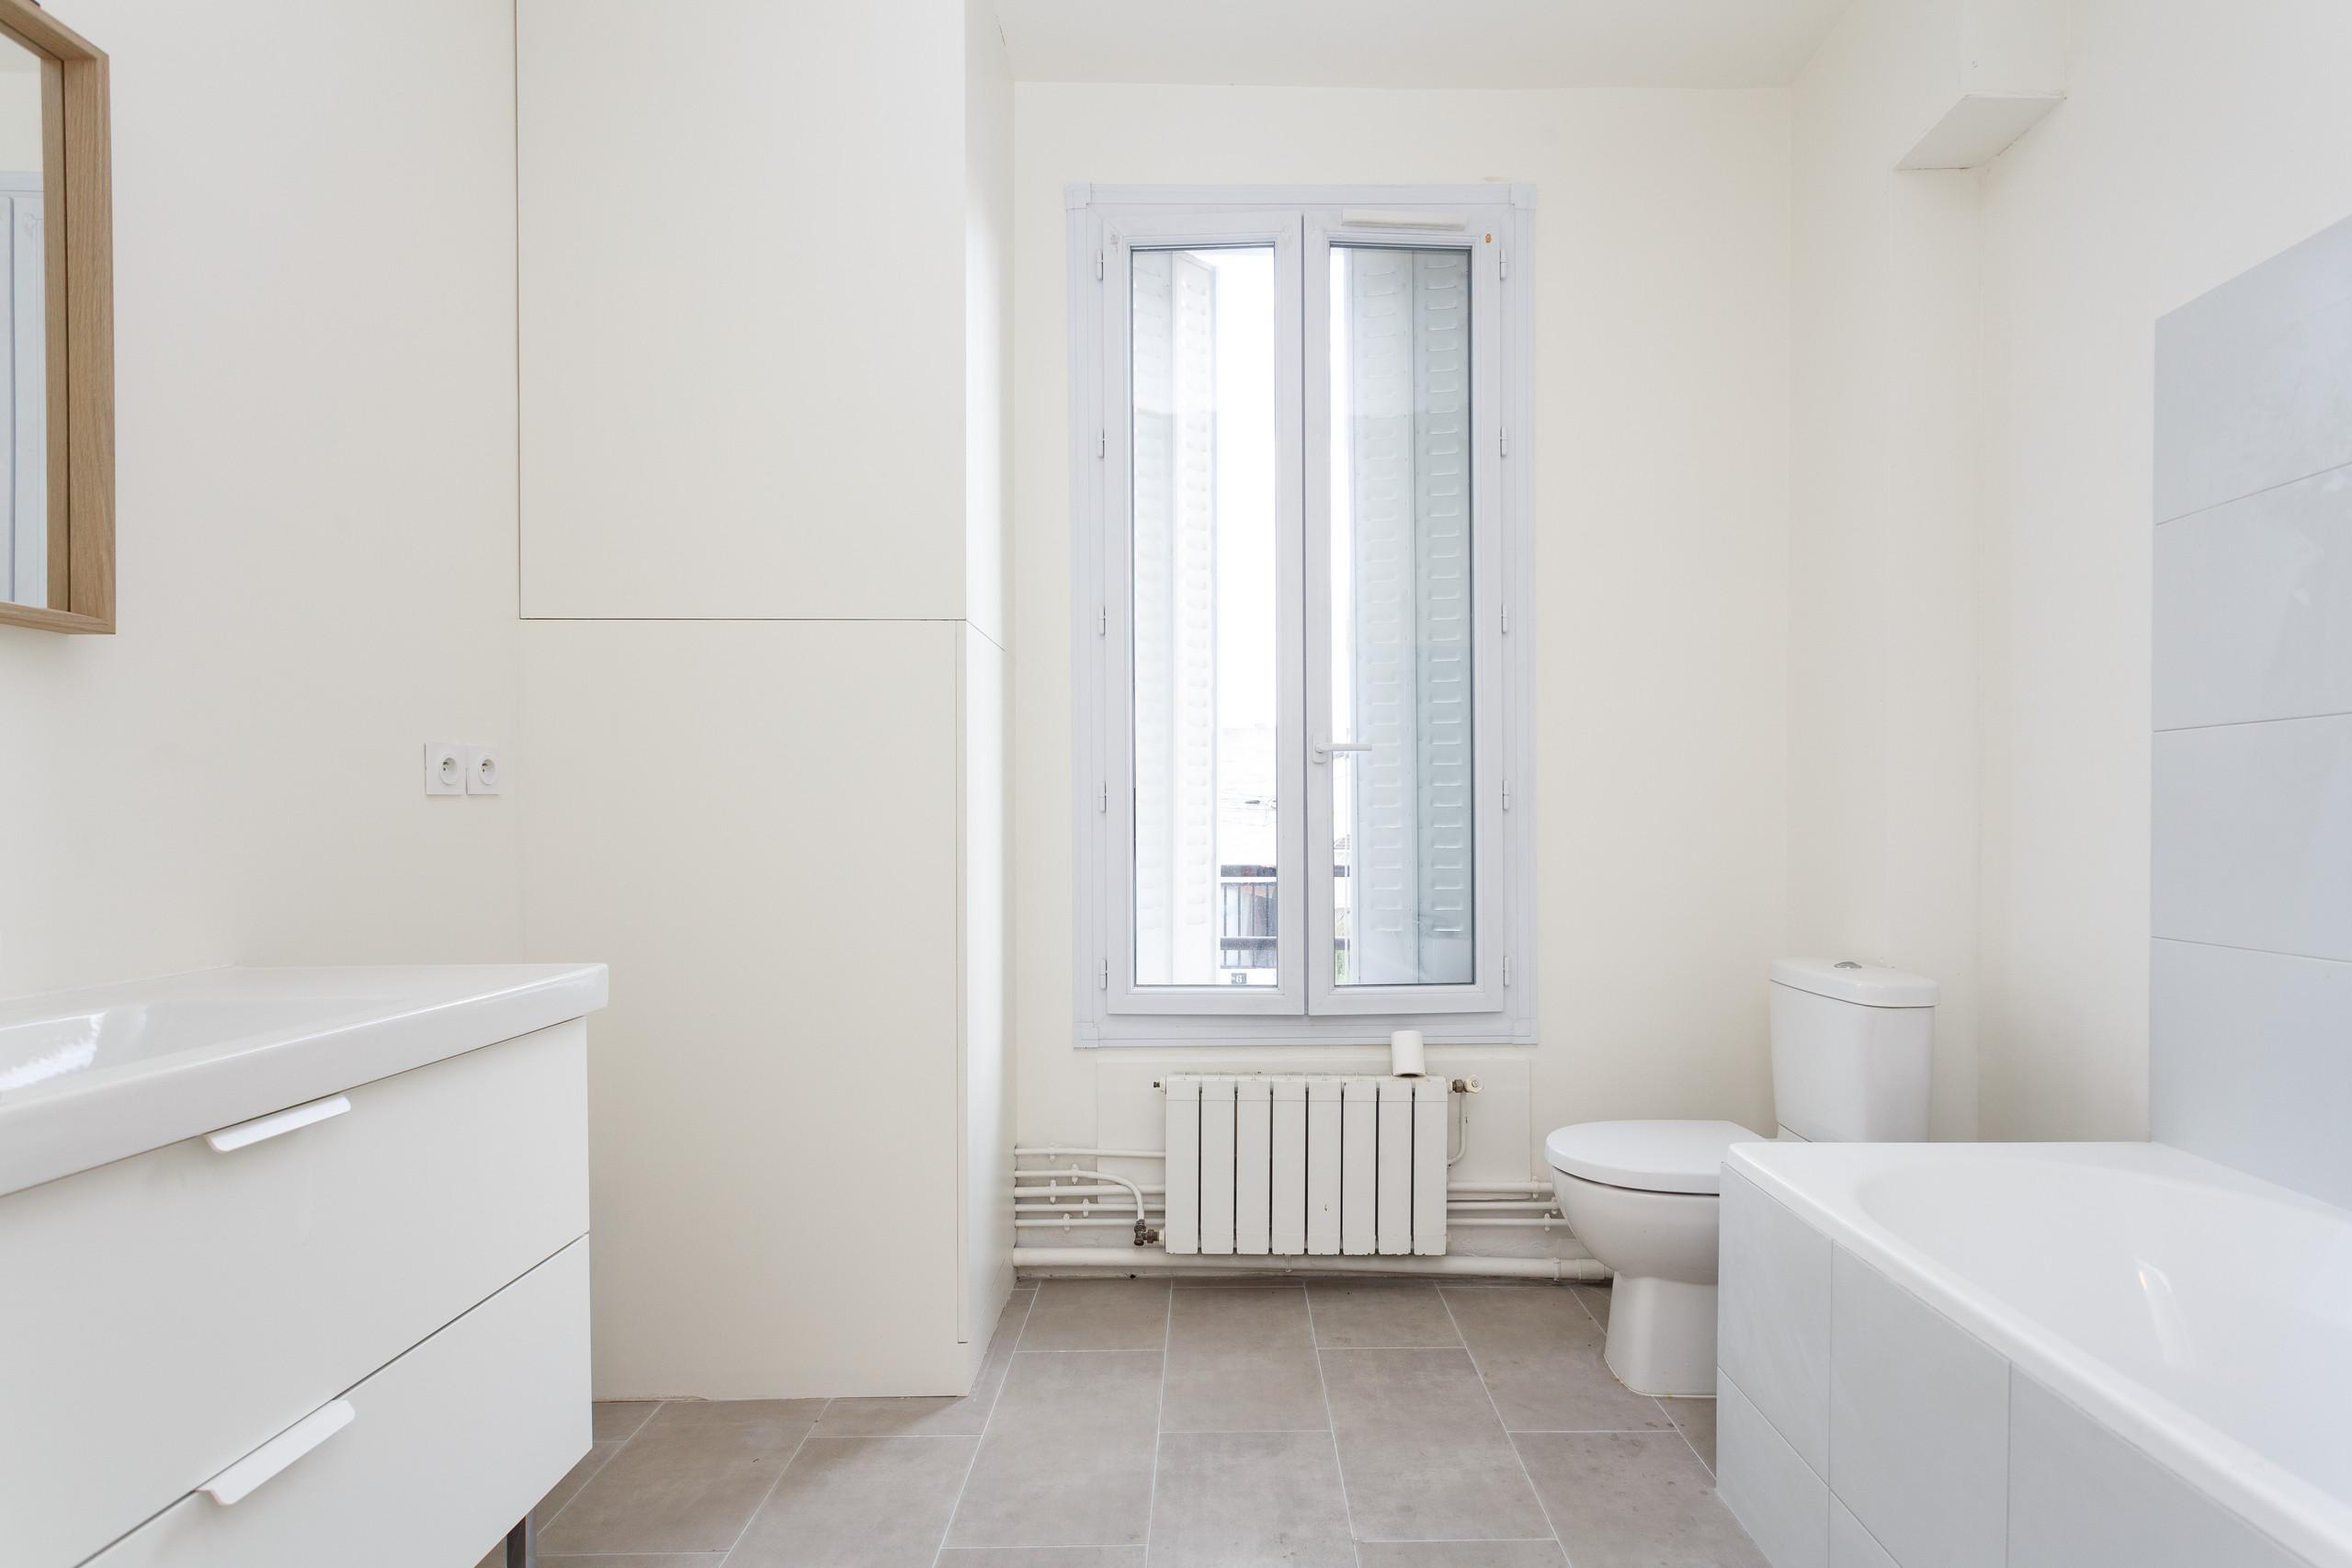 L'espace salle de bains avant travaux